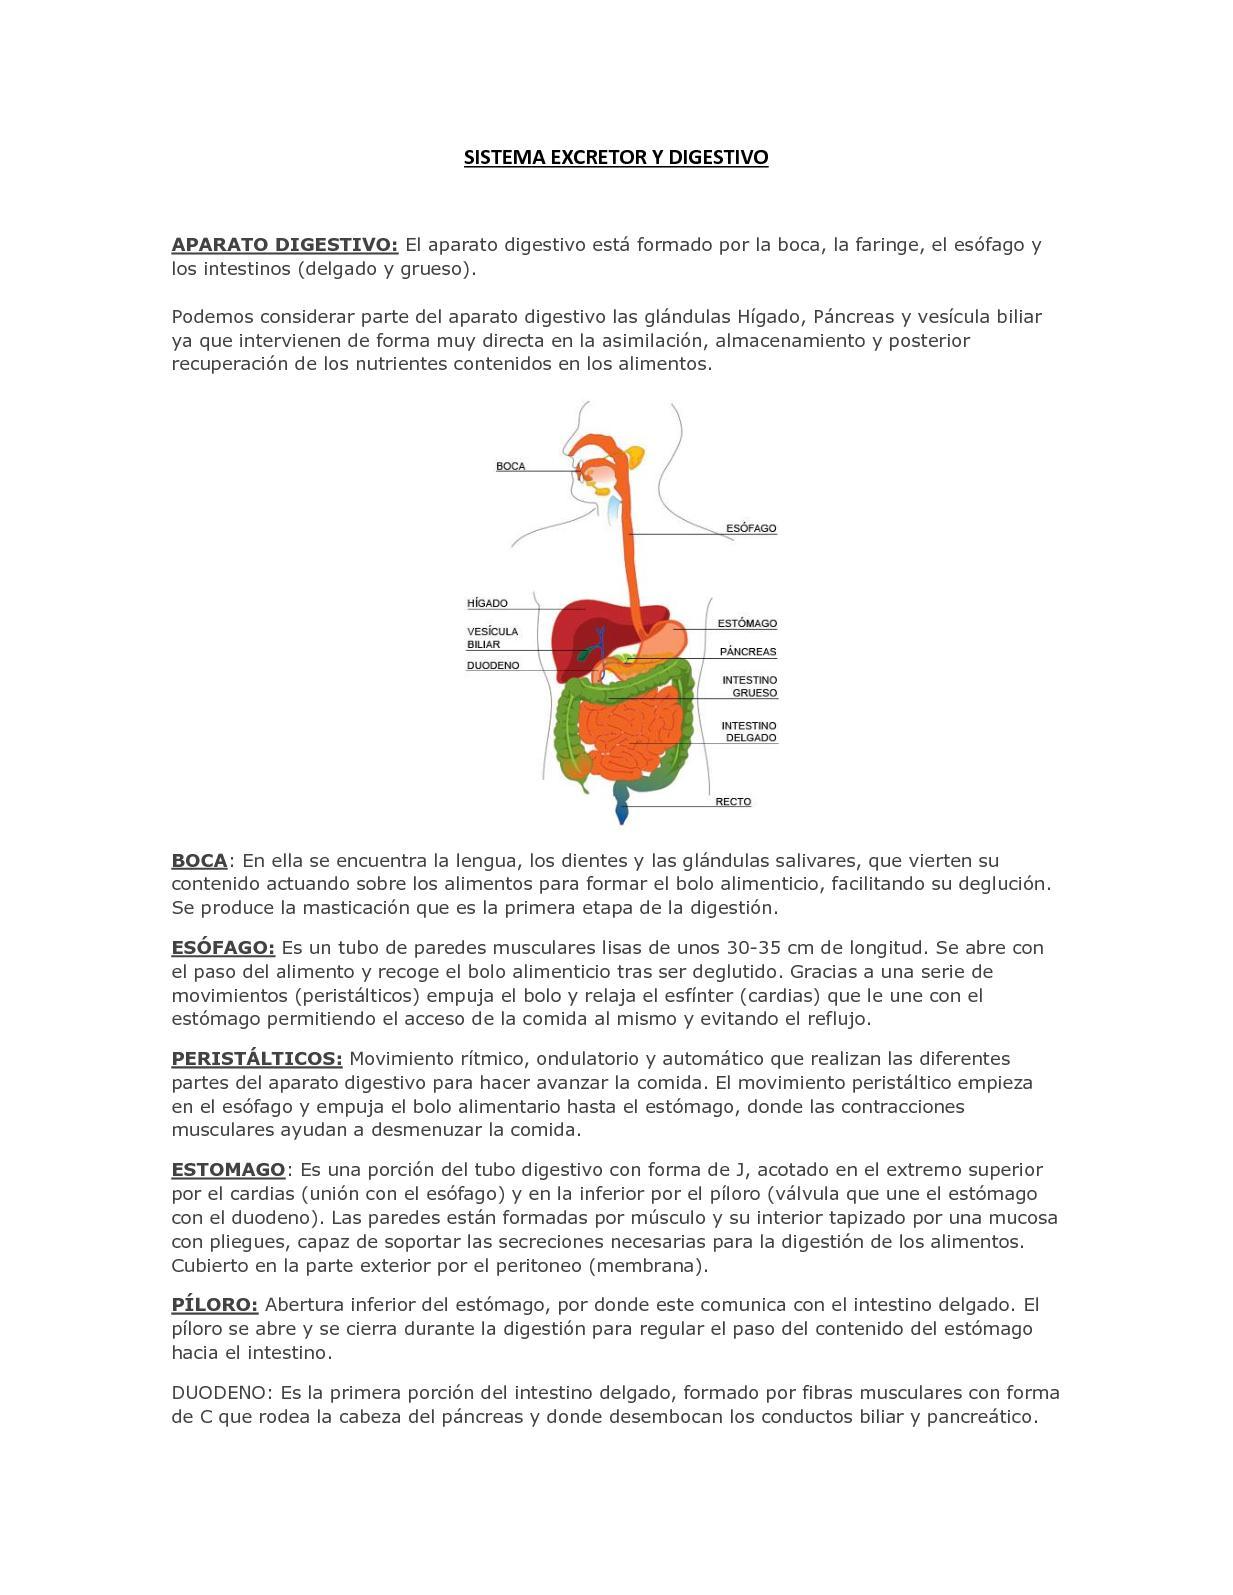 Cual es la funcion del estomago en el sistema digestivo